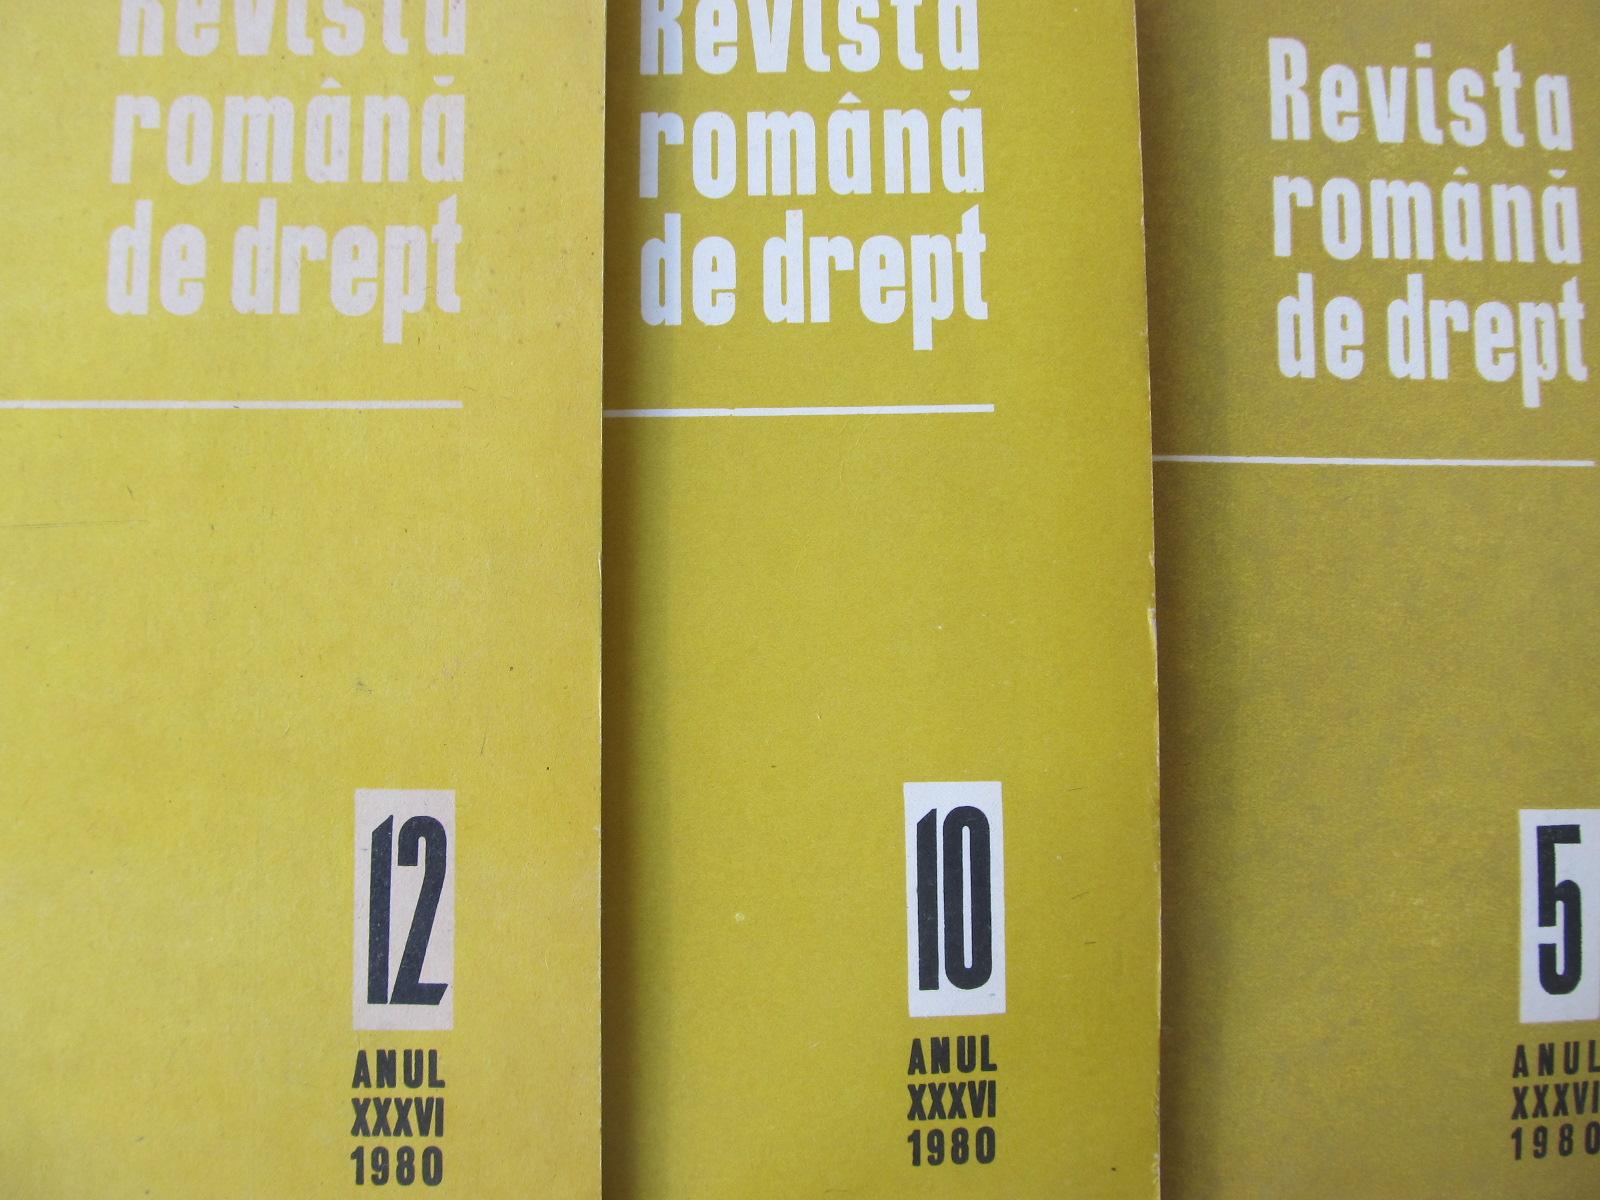 Revista romana de drept Nr. 5 , 10 , 12 / 1980 (3 reviste) - *** | Detalii carte